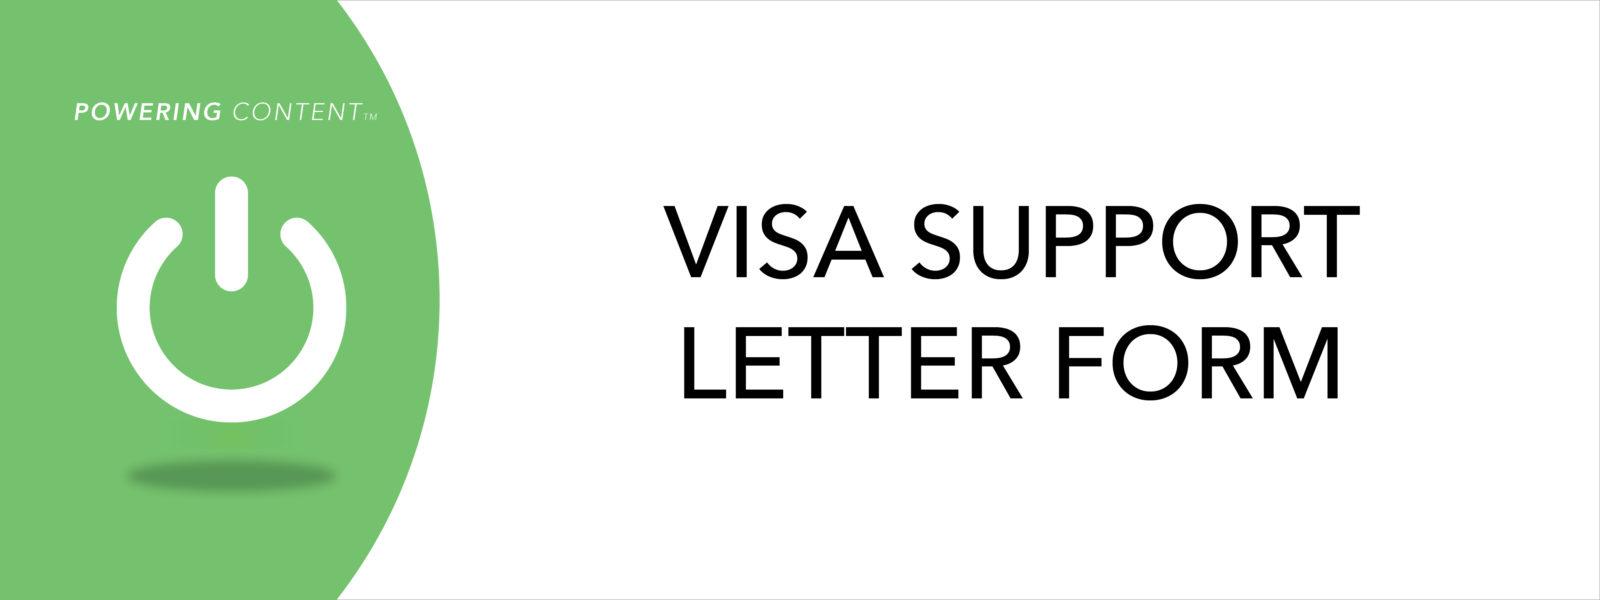 Budapest Visa Support Letter Form